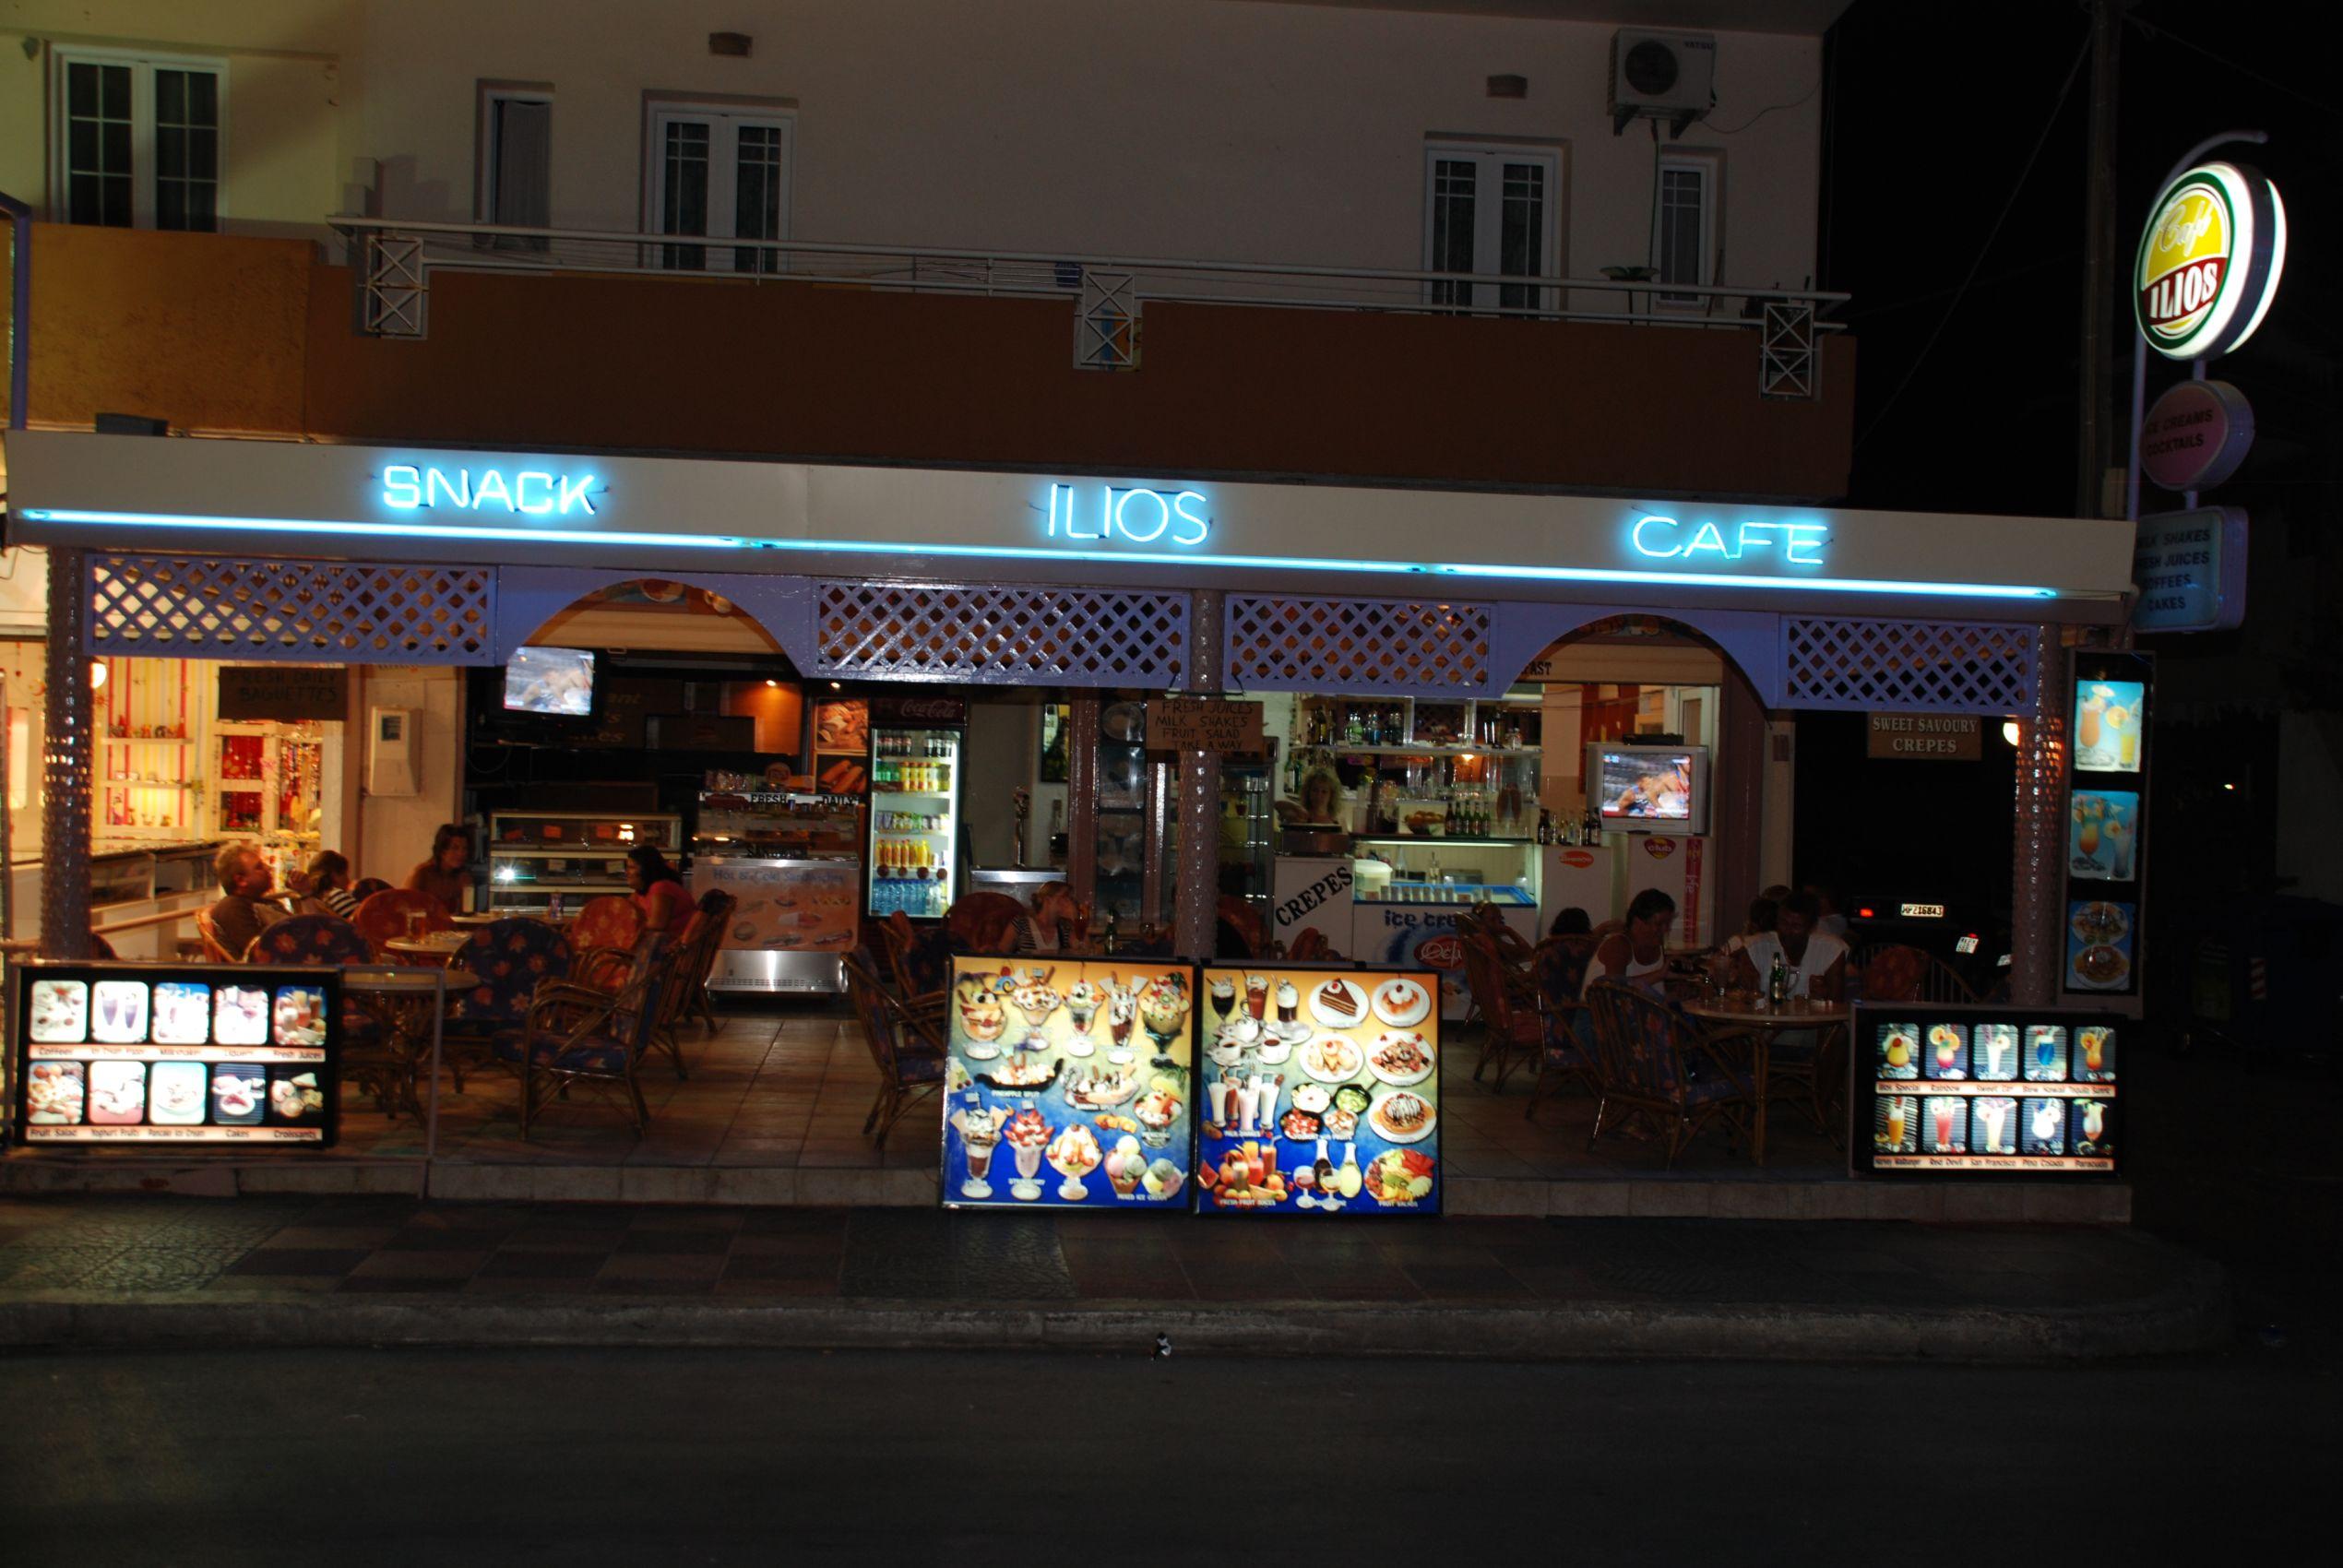 Ilios Cafe, Malia, Crete